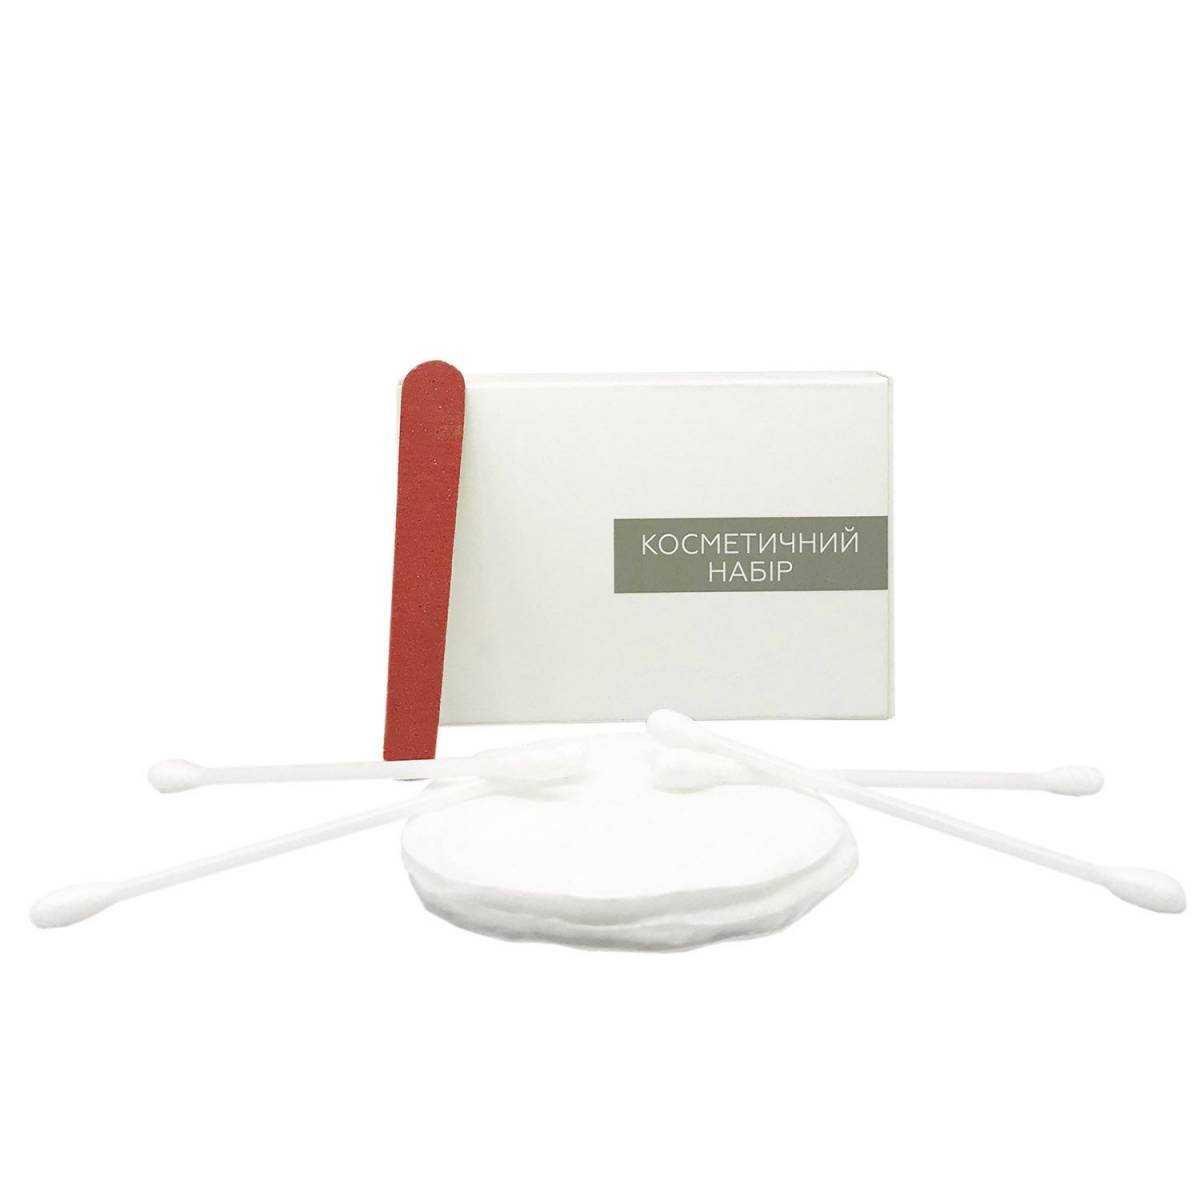 Косметический набор для гостиниц VIP в п/е и картонной коробочке VKL-M HSG